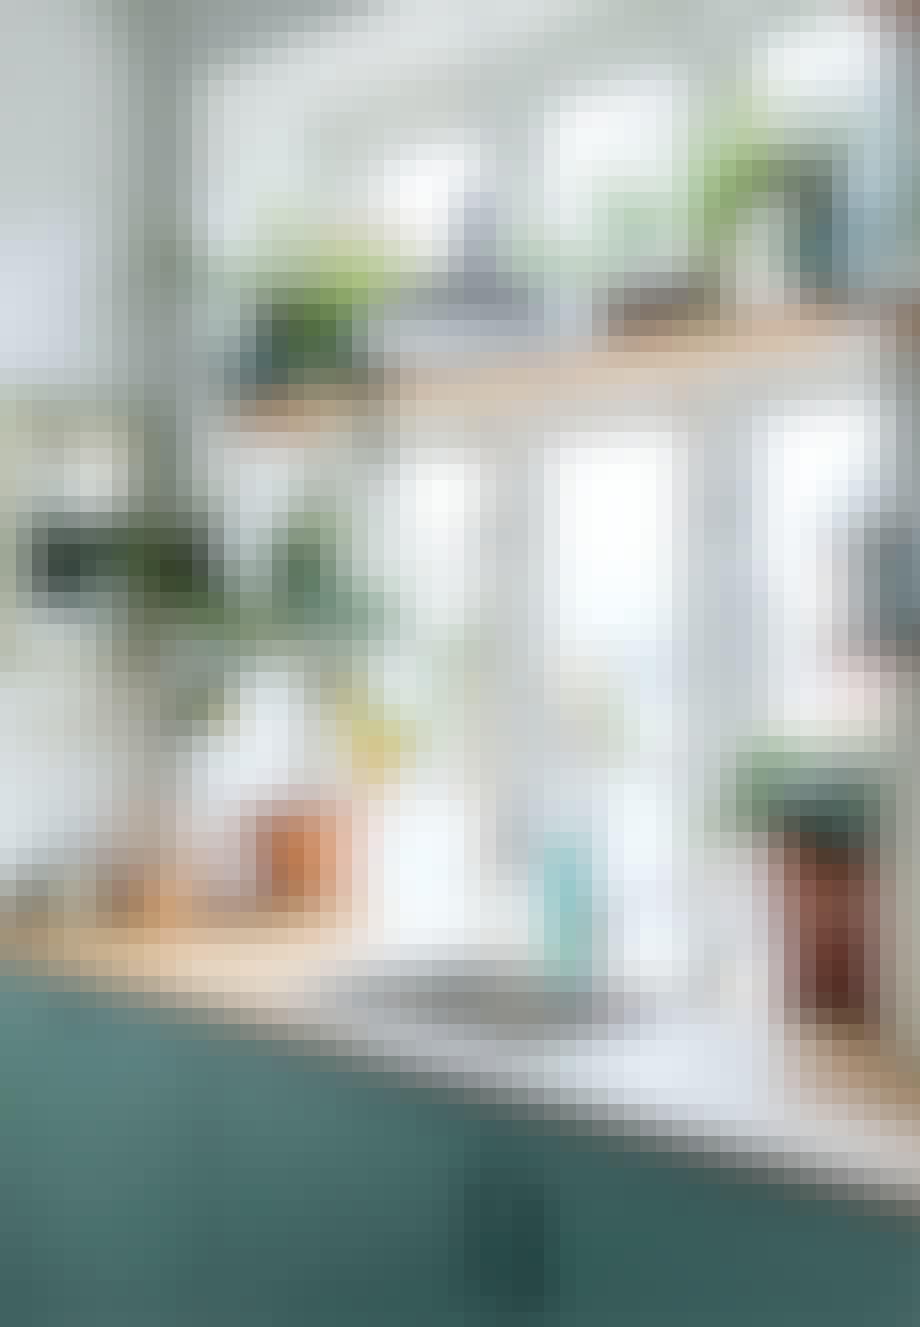 Stålhåndvask i køkkenbordet foran vinduet med hylder omkring og diverse planter